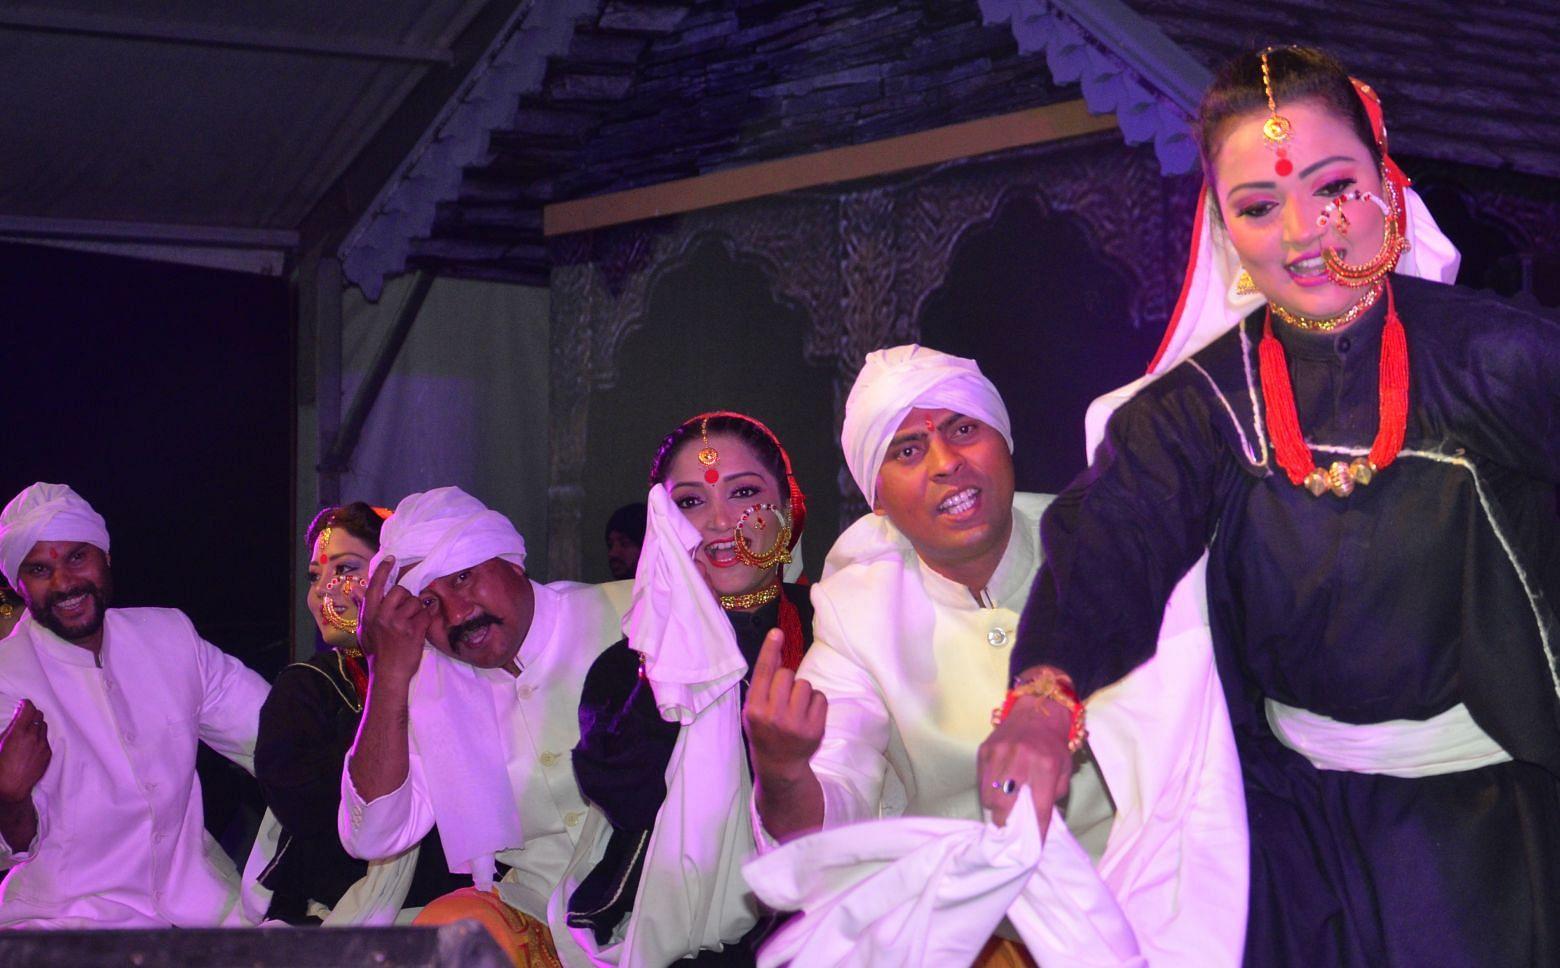 श्रीनगर सरस मेले मे  सांस्कृतिक कार्यक्रम की प्रस्तुति देते कलाकार